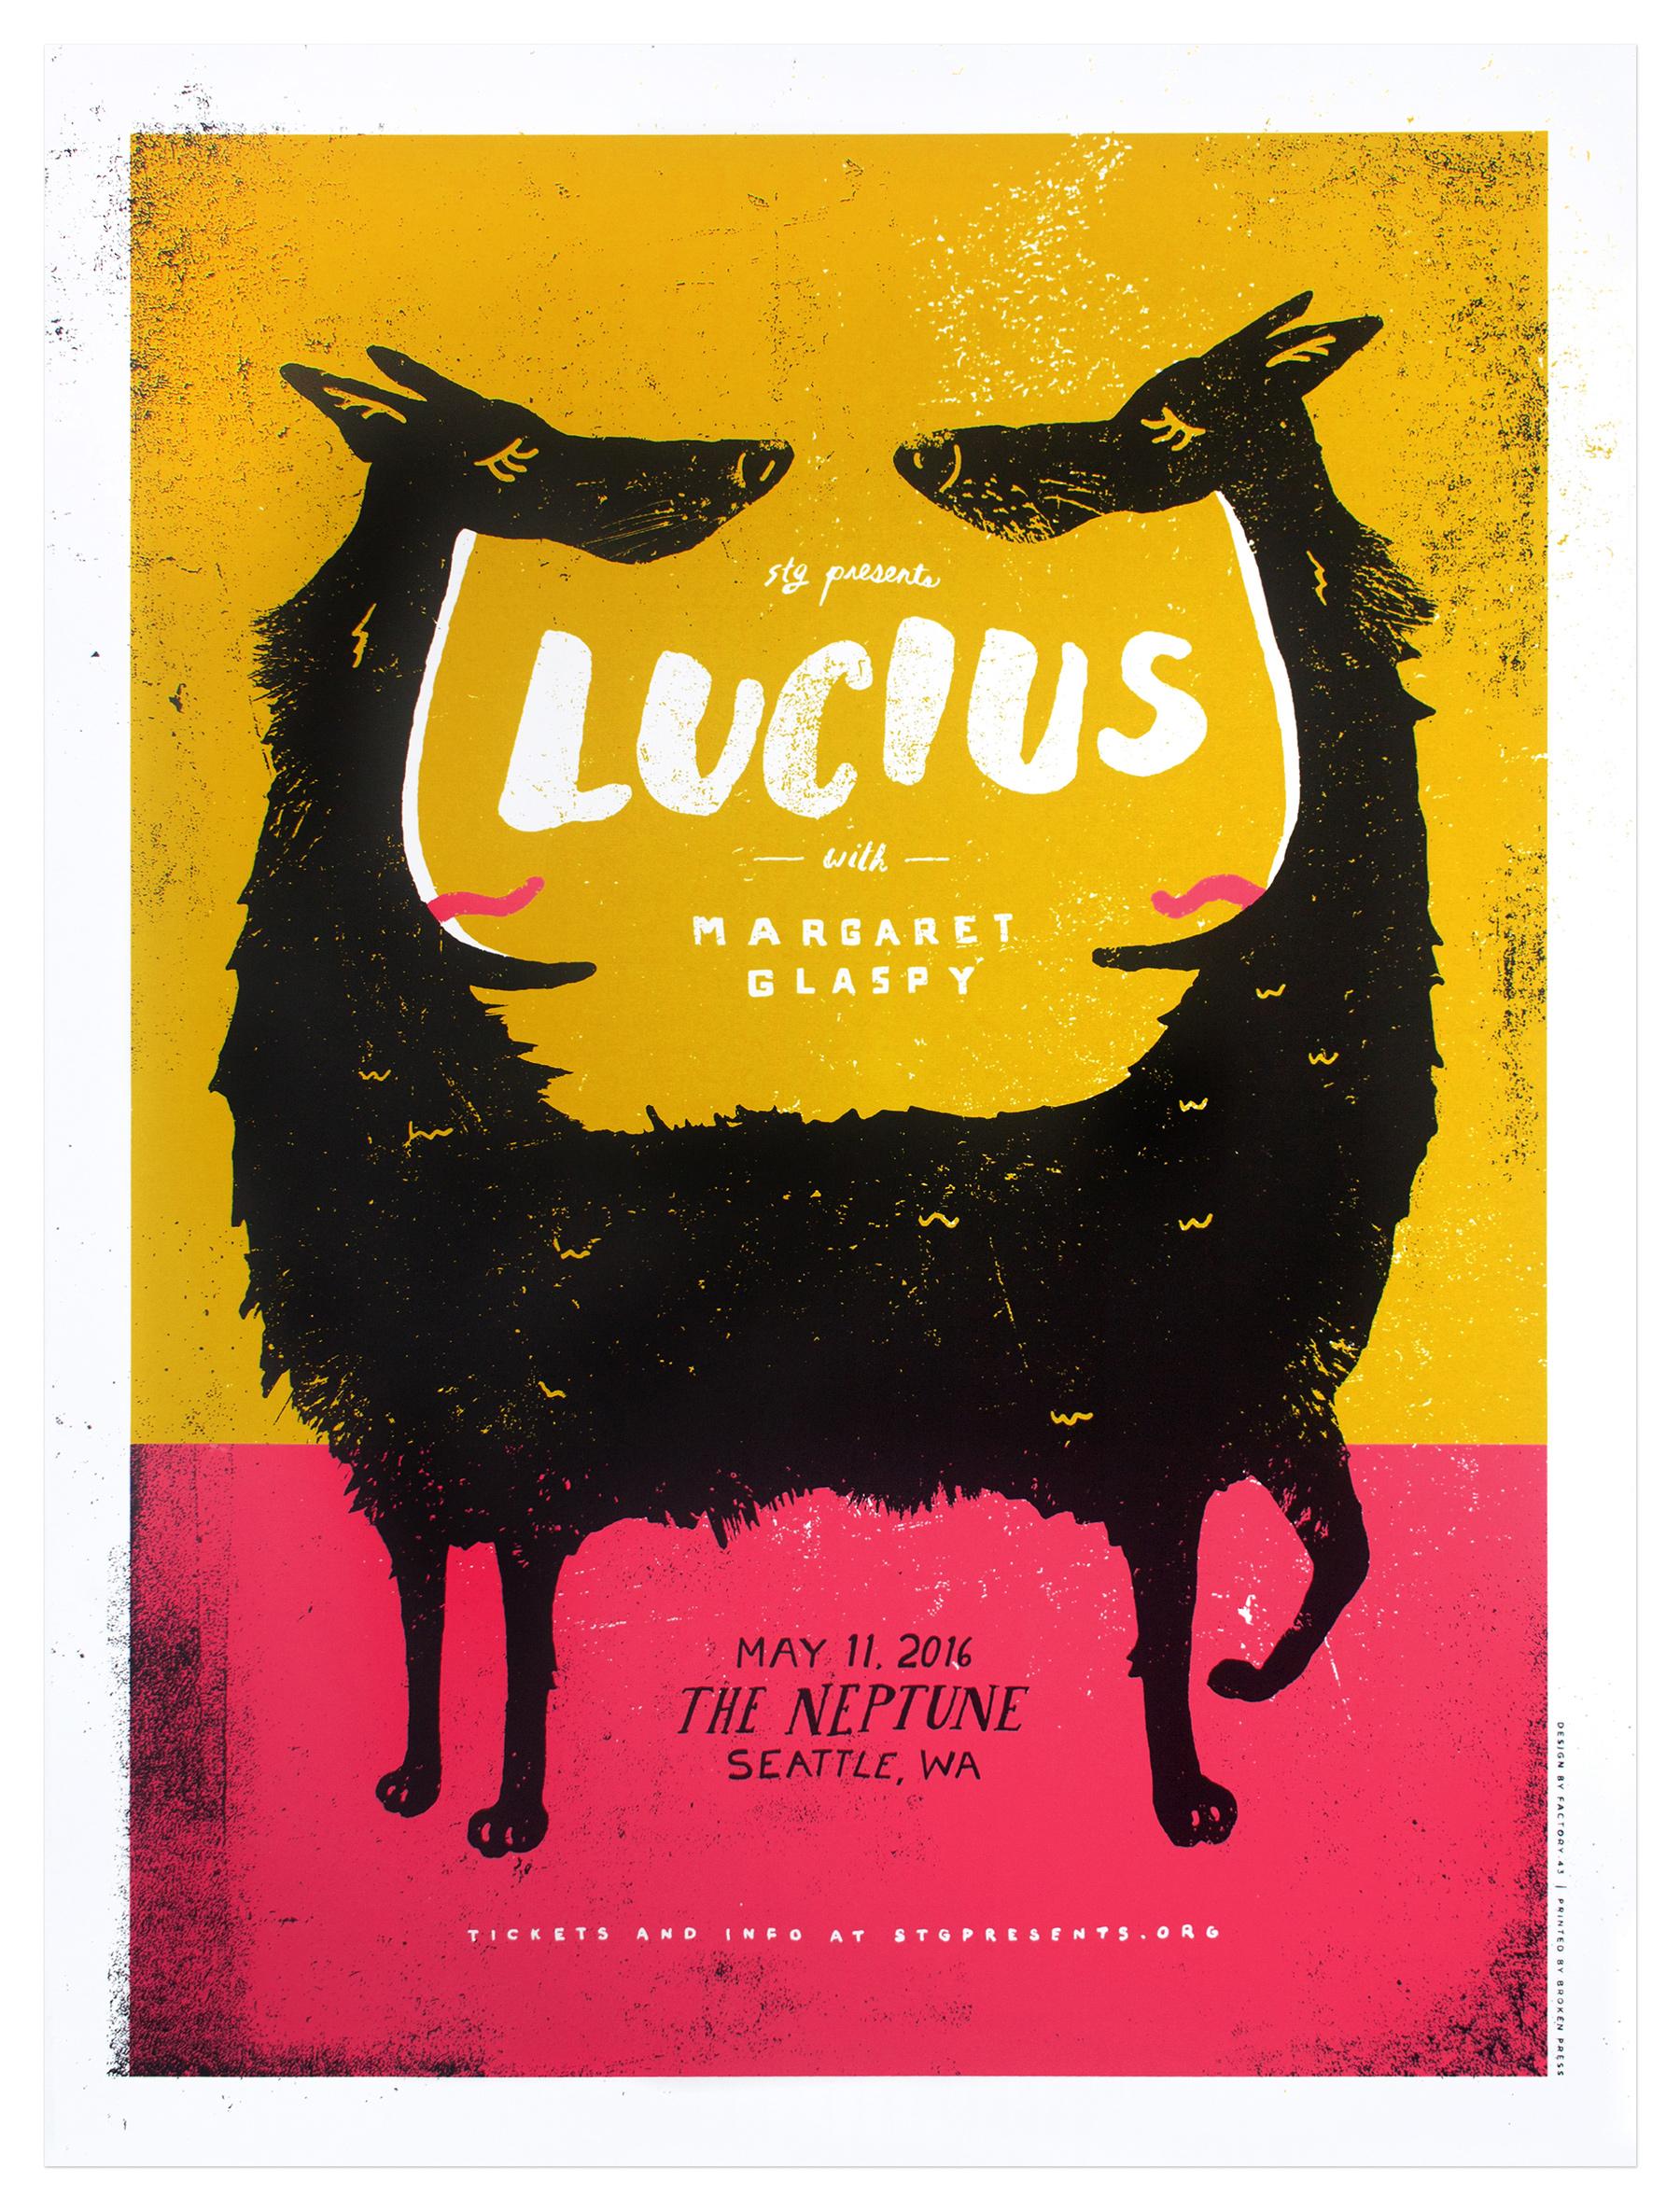 lucius-photo1-blog